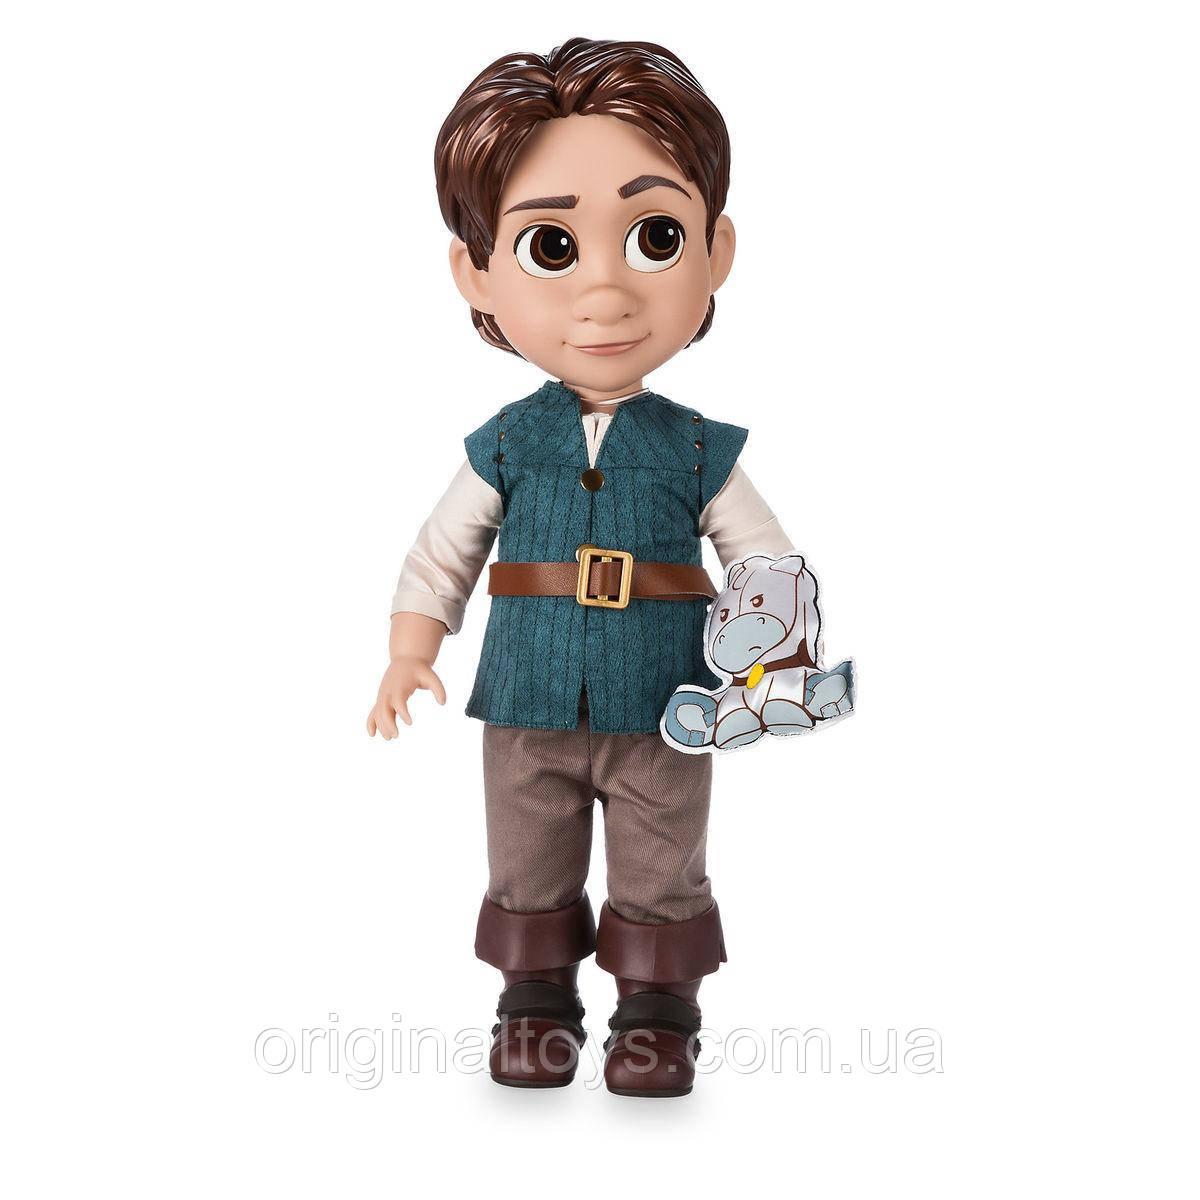 Лялька маля Флінн Райдер Колекція Аніматорів Дісней Animators Collection Flynn Disney